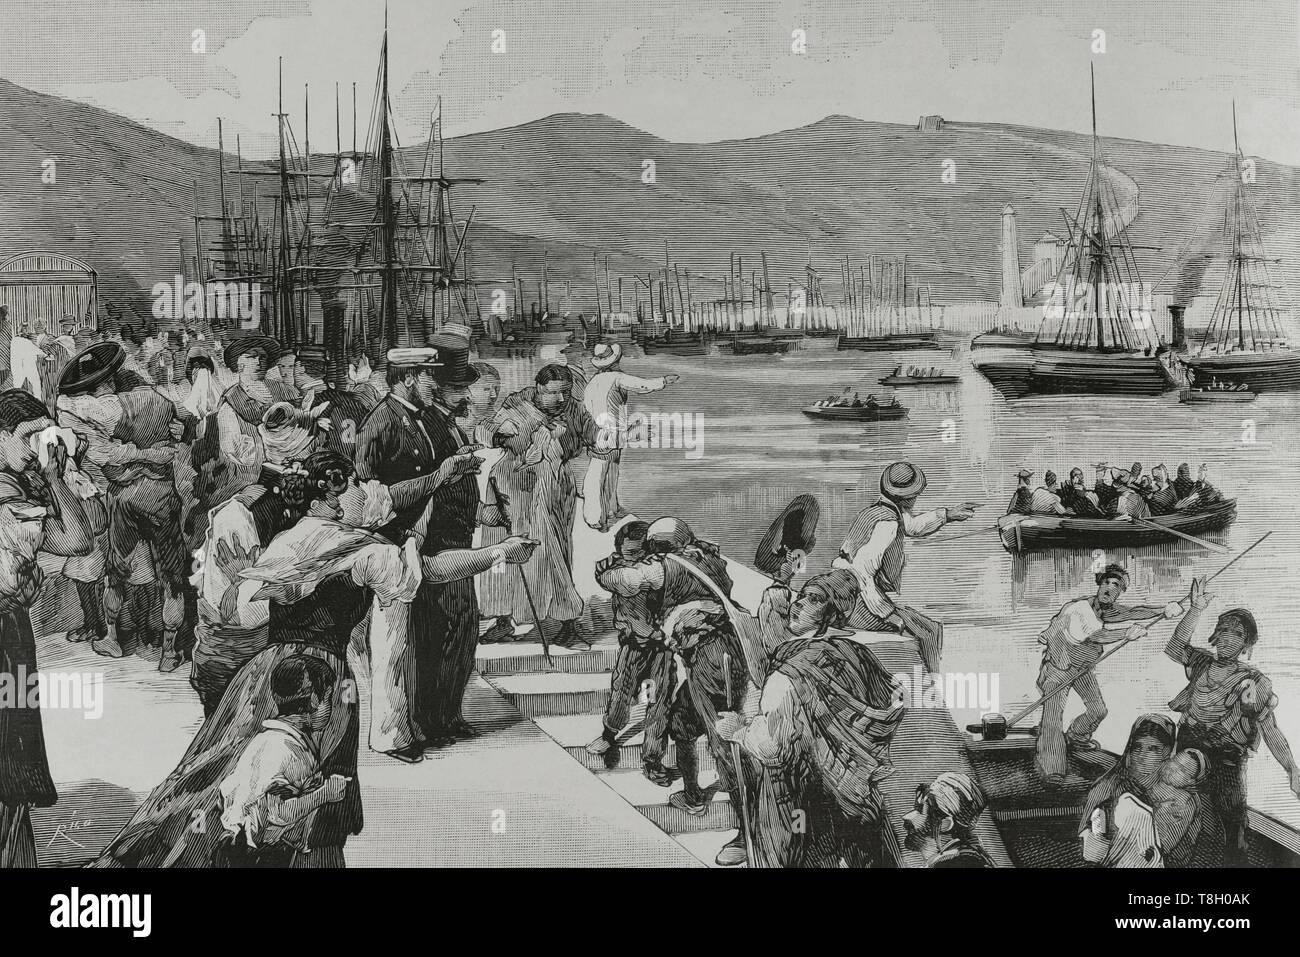 Durante el segundo tercio del siglo XIX muchos españoles fueron de agricultores a hacer fortuna al norte de Argelia. El 22 de junio de 1881 los hombres de Bu-Amena atacaron a los agricultores provocando el pánico entre los emigrantes europeos. Muchos regresaron a sus paises de origen. Nueve mil españoles lo hicieron entre el 11 y el 22 de junio de 1881. Puerto de Almeria (España). Desembarque de españoles, fugitivos de Orán, repatriados por el vapor 'Victoria', 14 del actual. Grabado por Bernardo Rico (1825-1894). La Ilustración Española y Americana, 22 de julio de 1881. - Stock Image